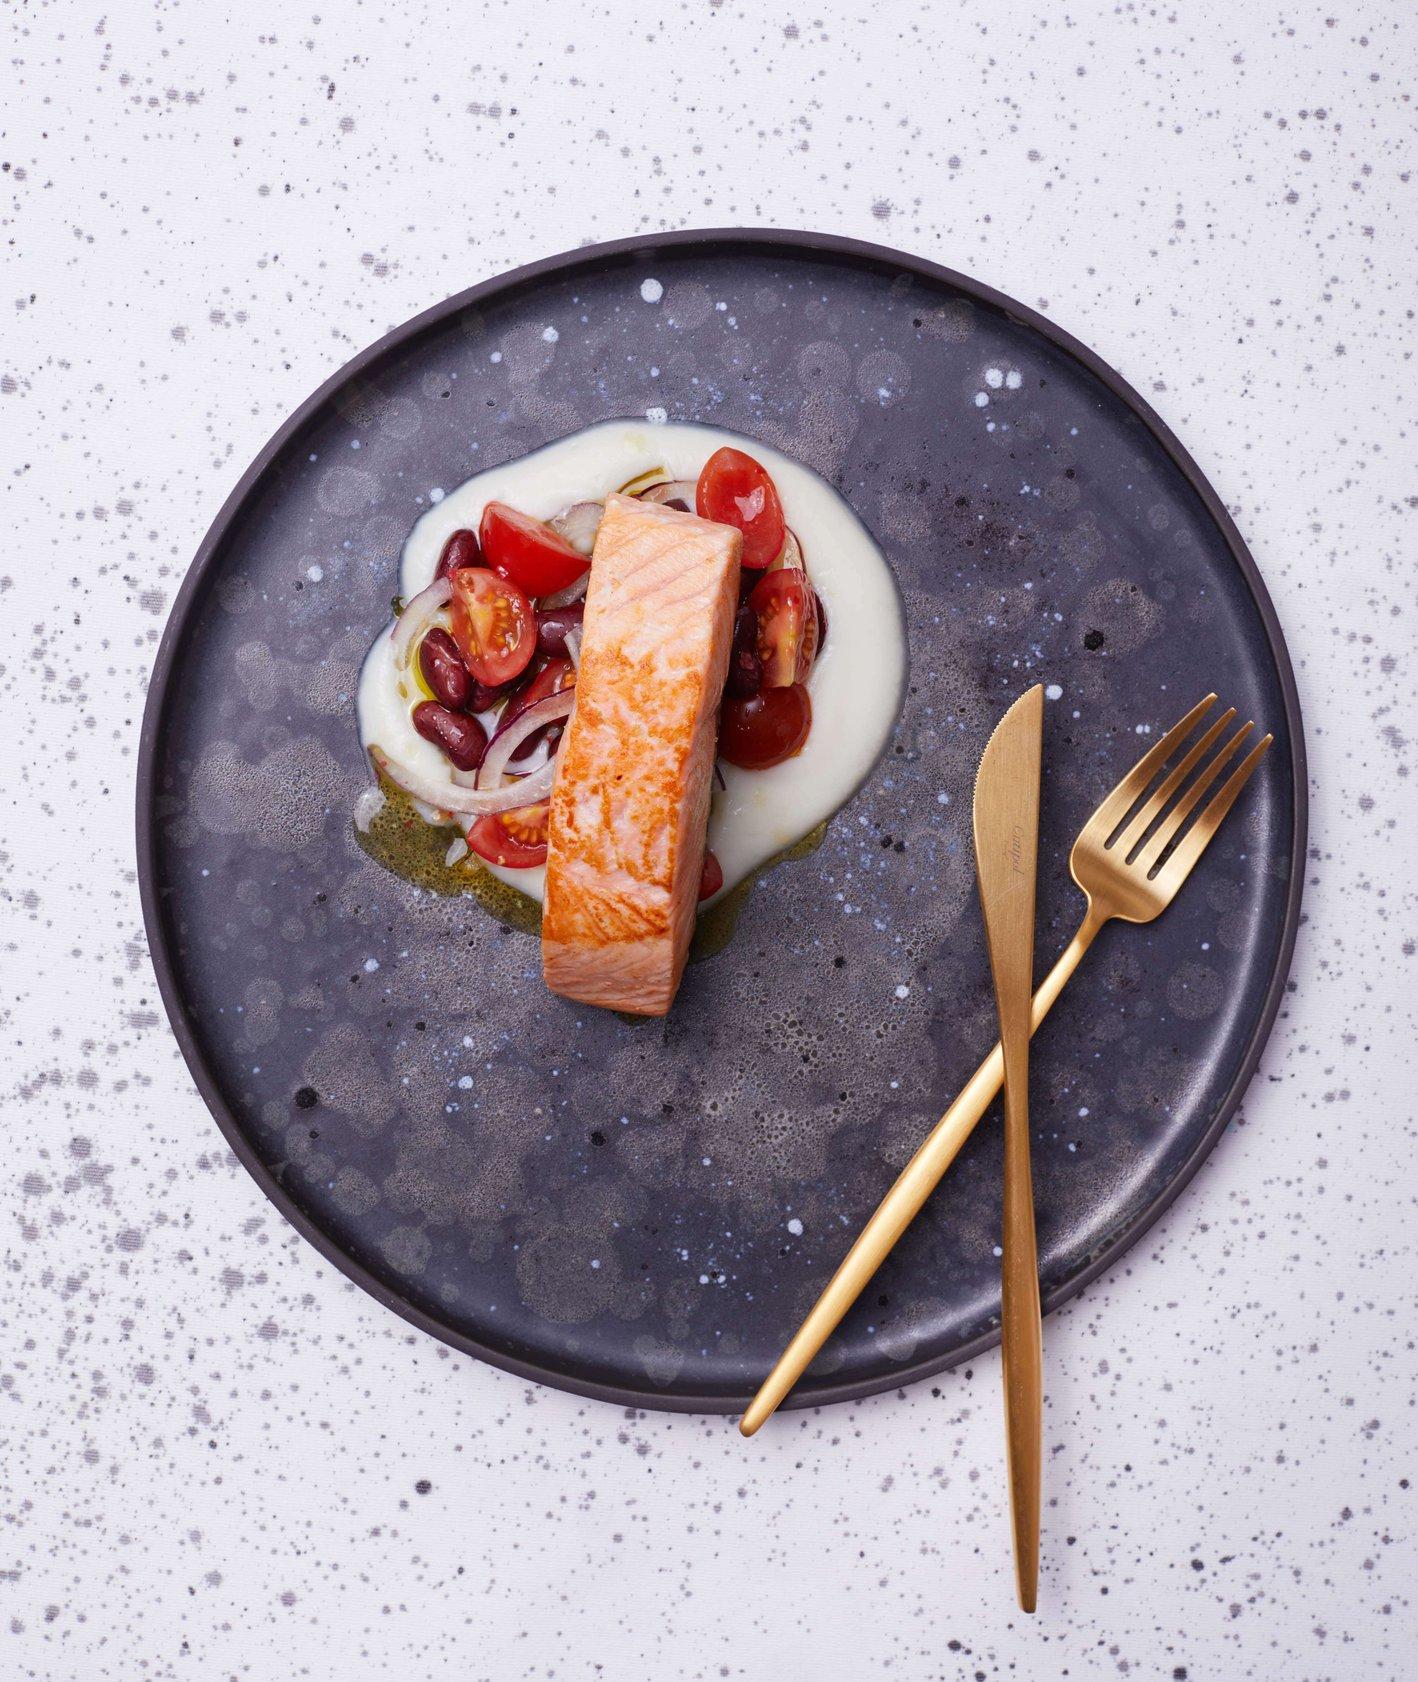 Smażony łosoś z kremem kalafiorowym i czerwoną sałatką